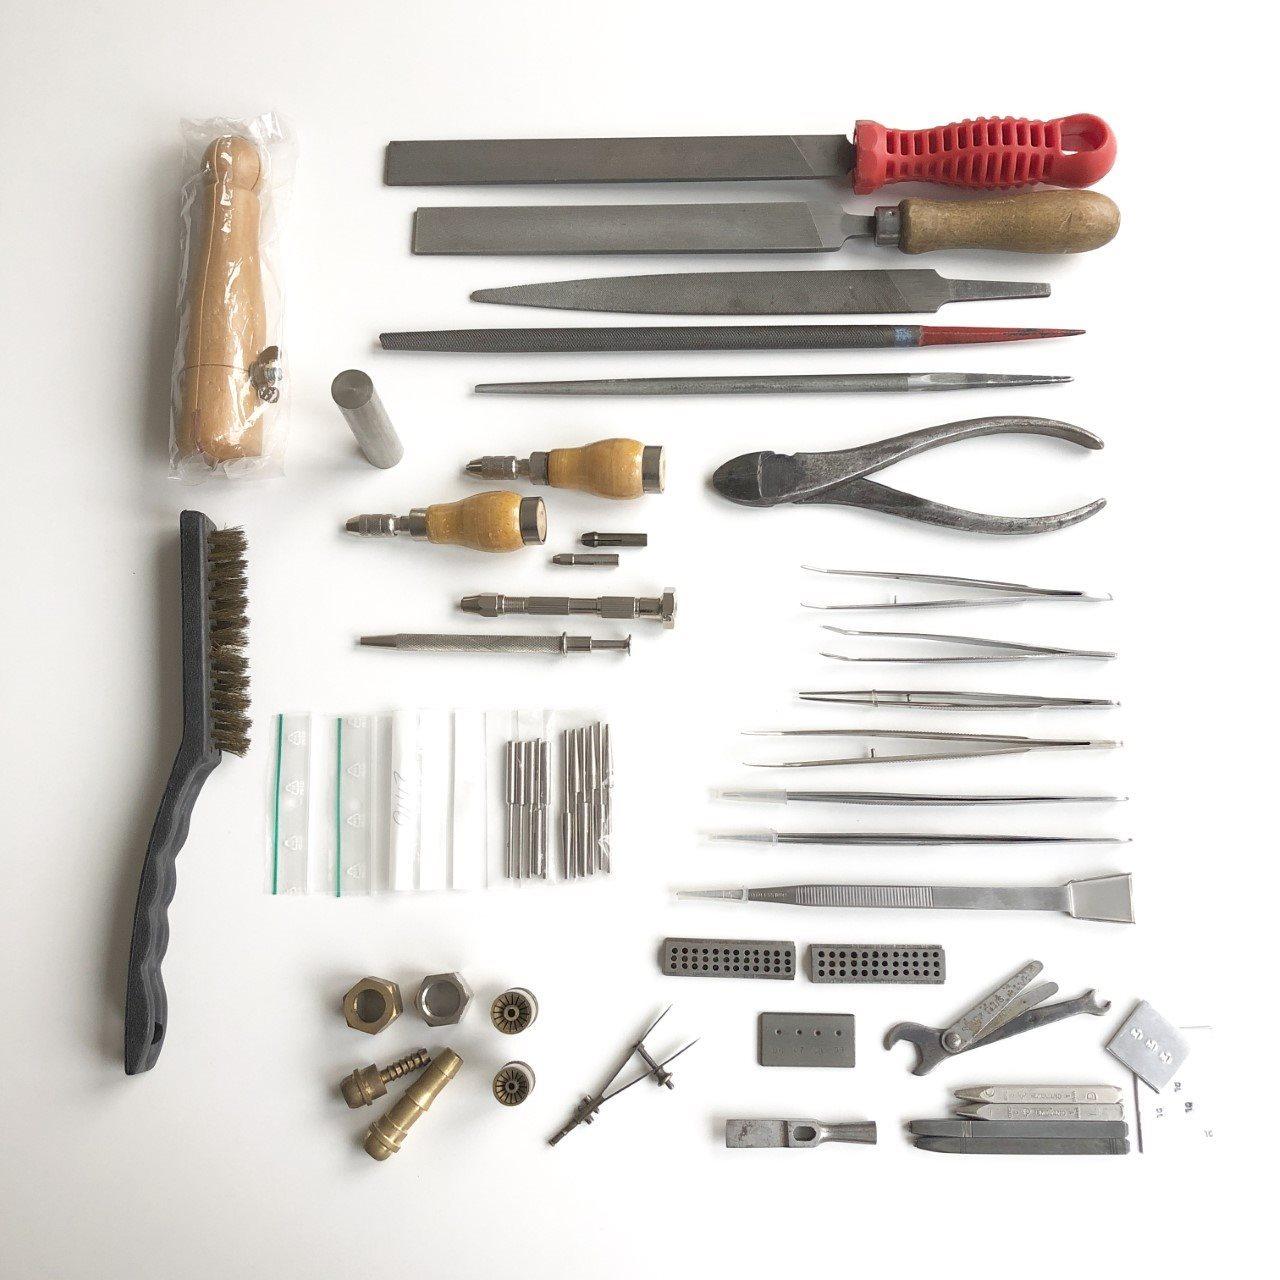 verktyg till silversmide